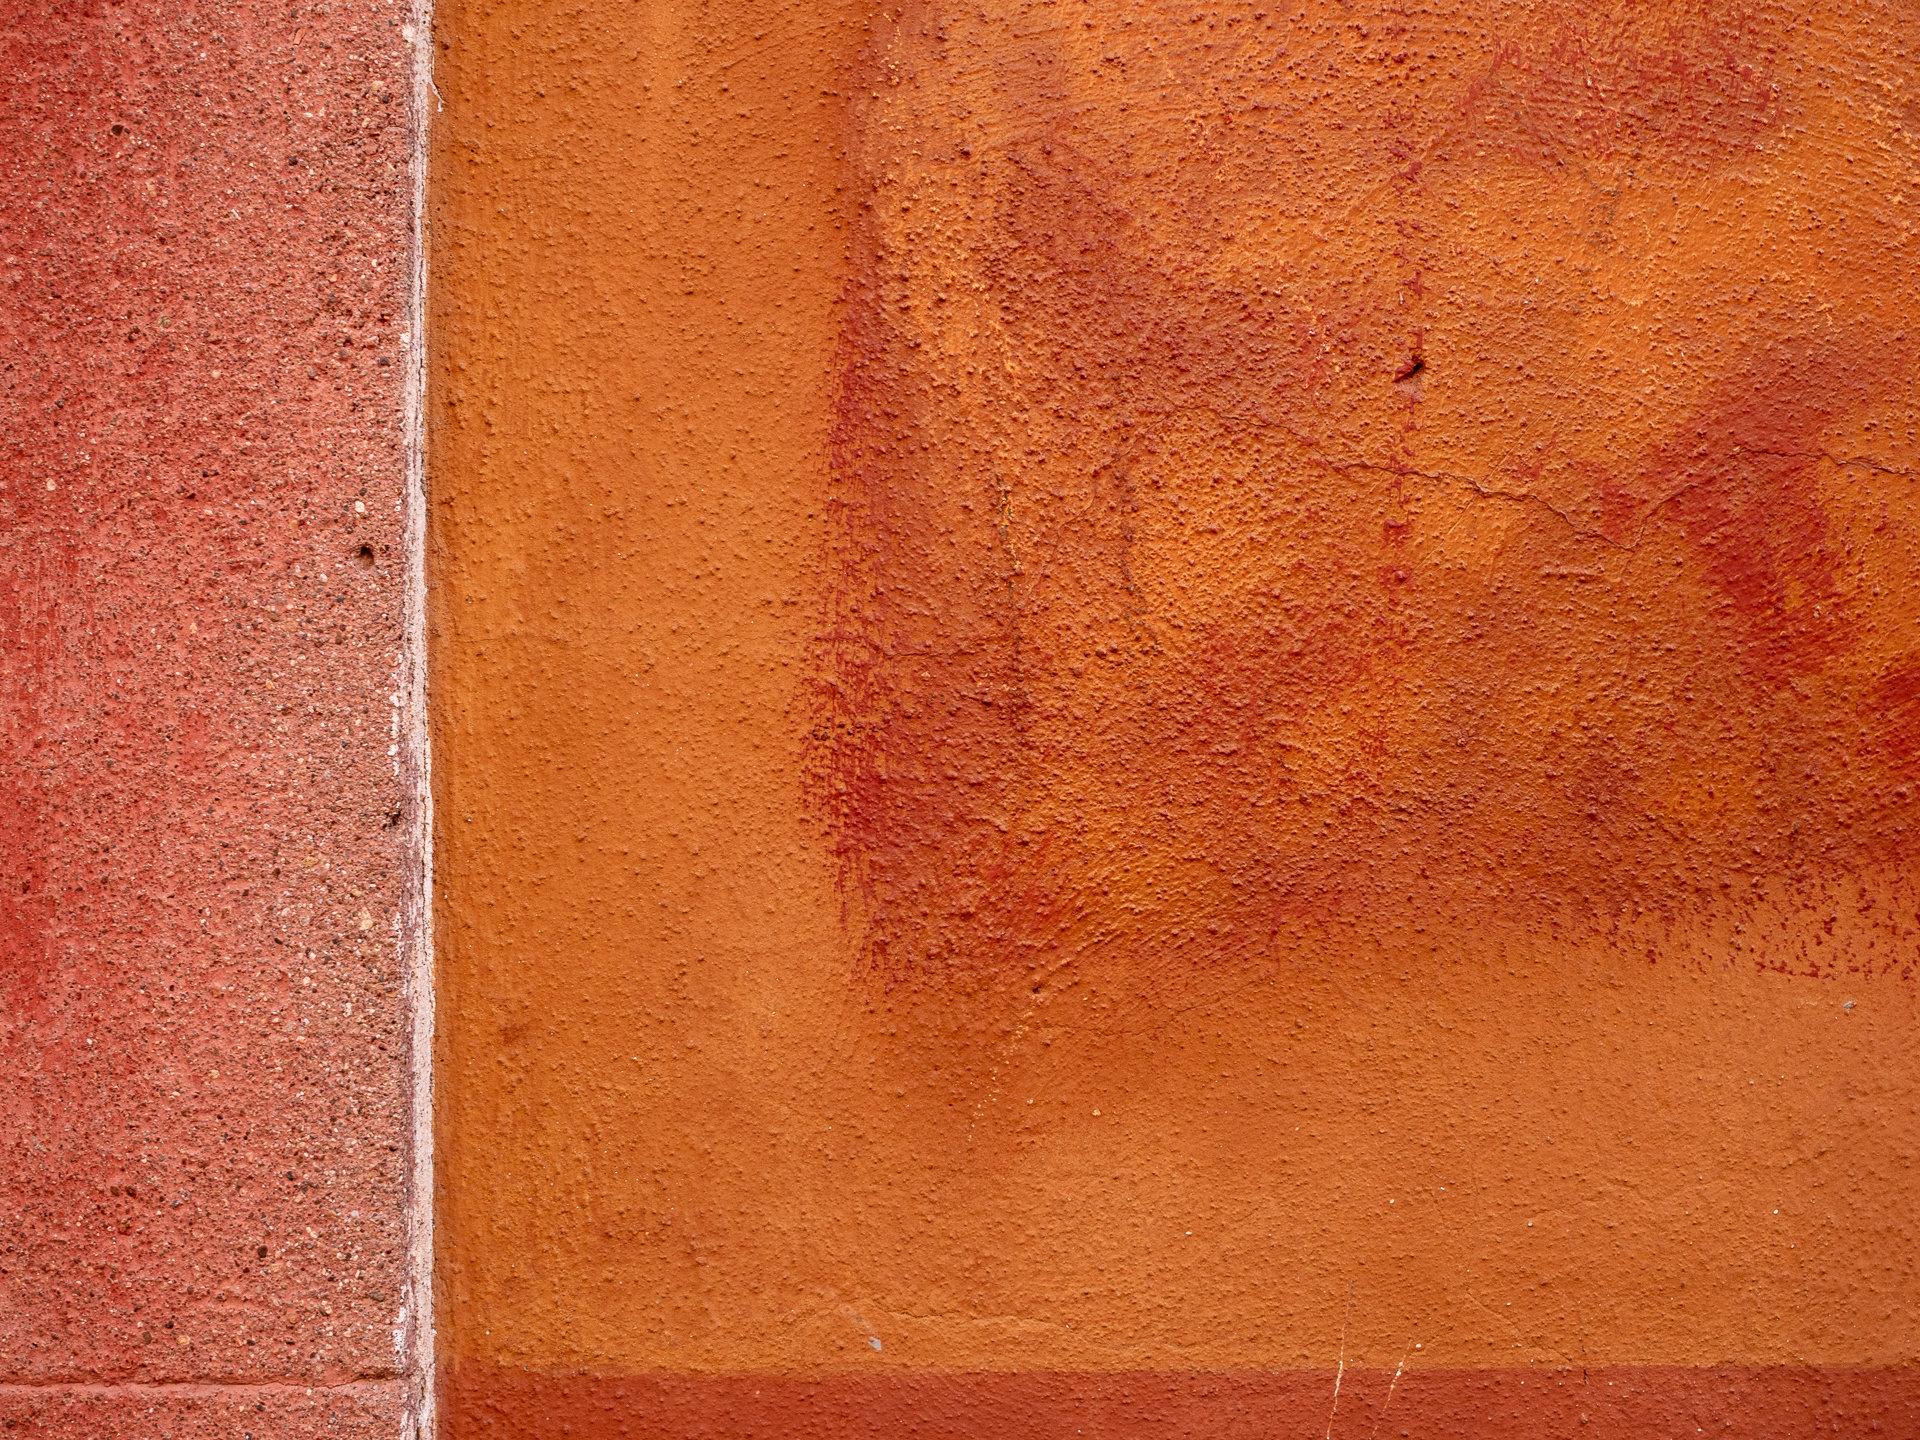 190208_SanMiguel-320.jpg